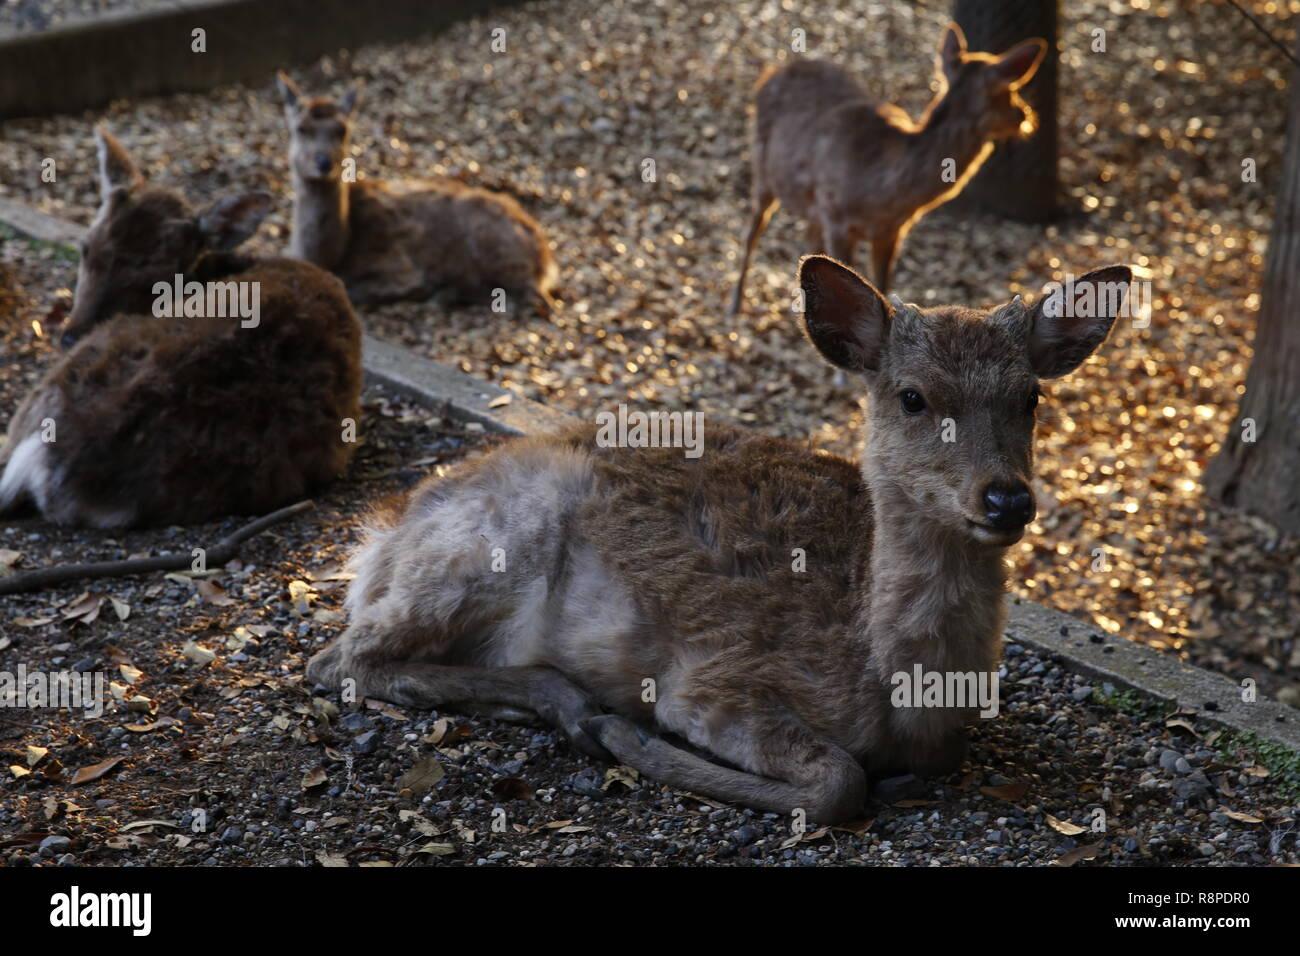 Sika deers in Nara park, Japan. - Stock Image